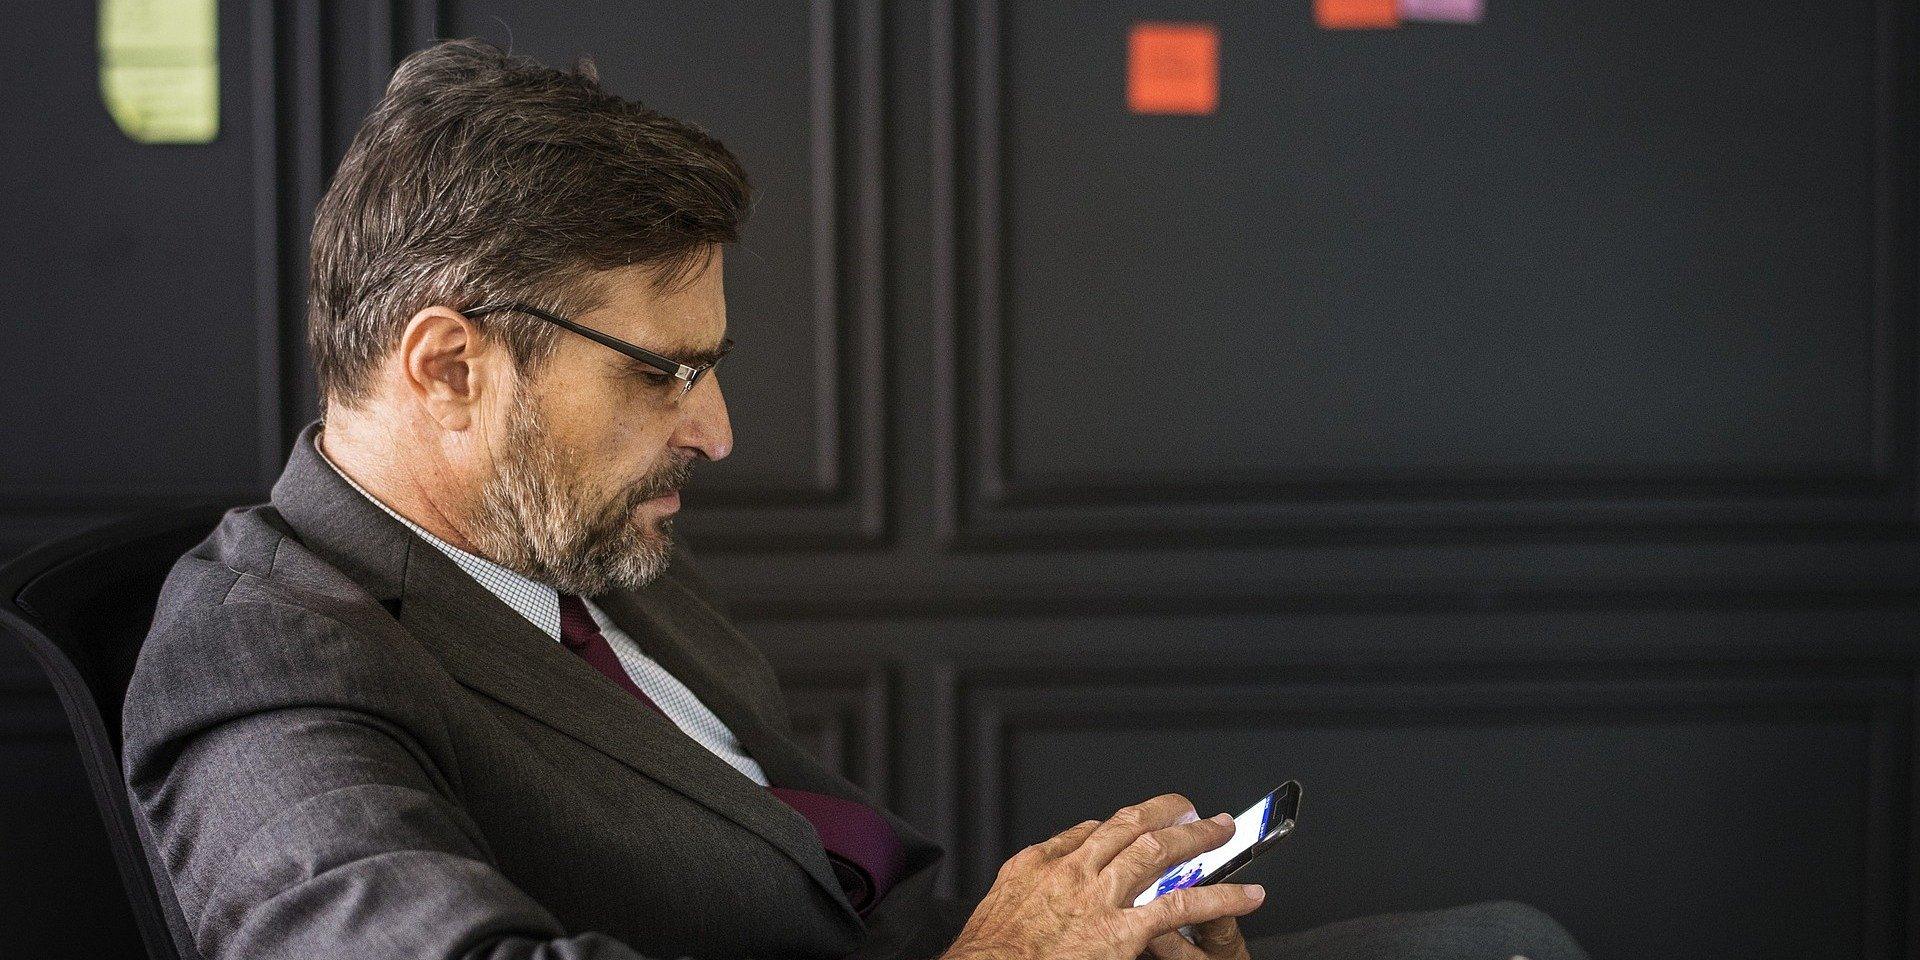 Technologie siłą napędową biznesu